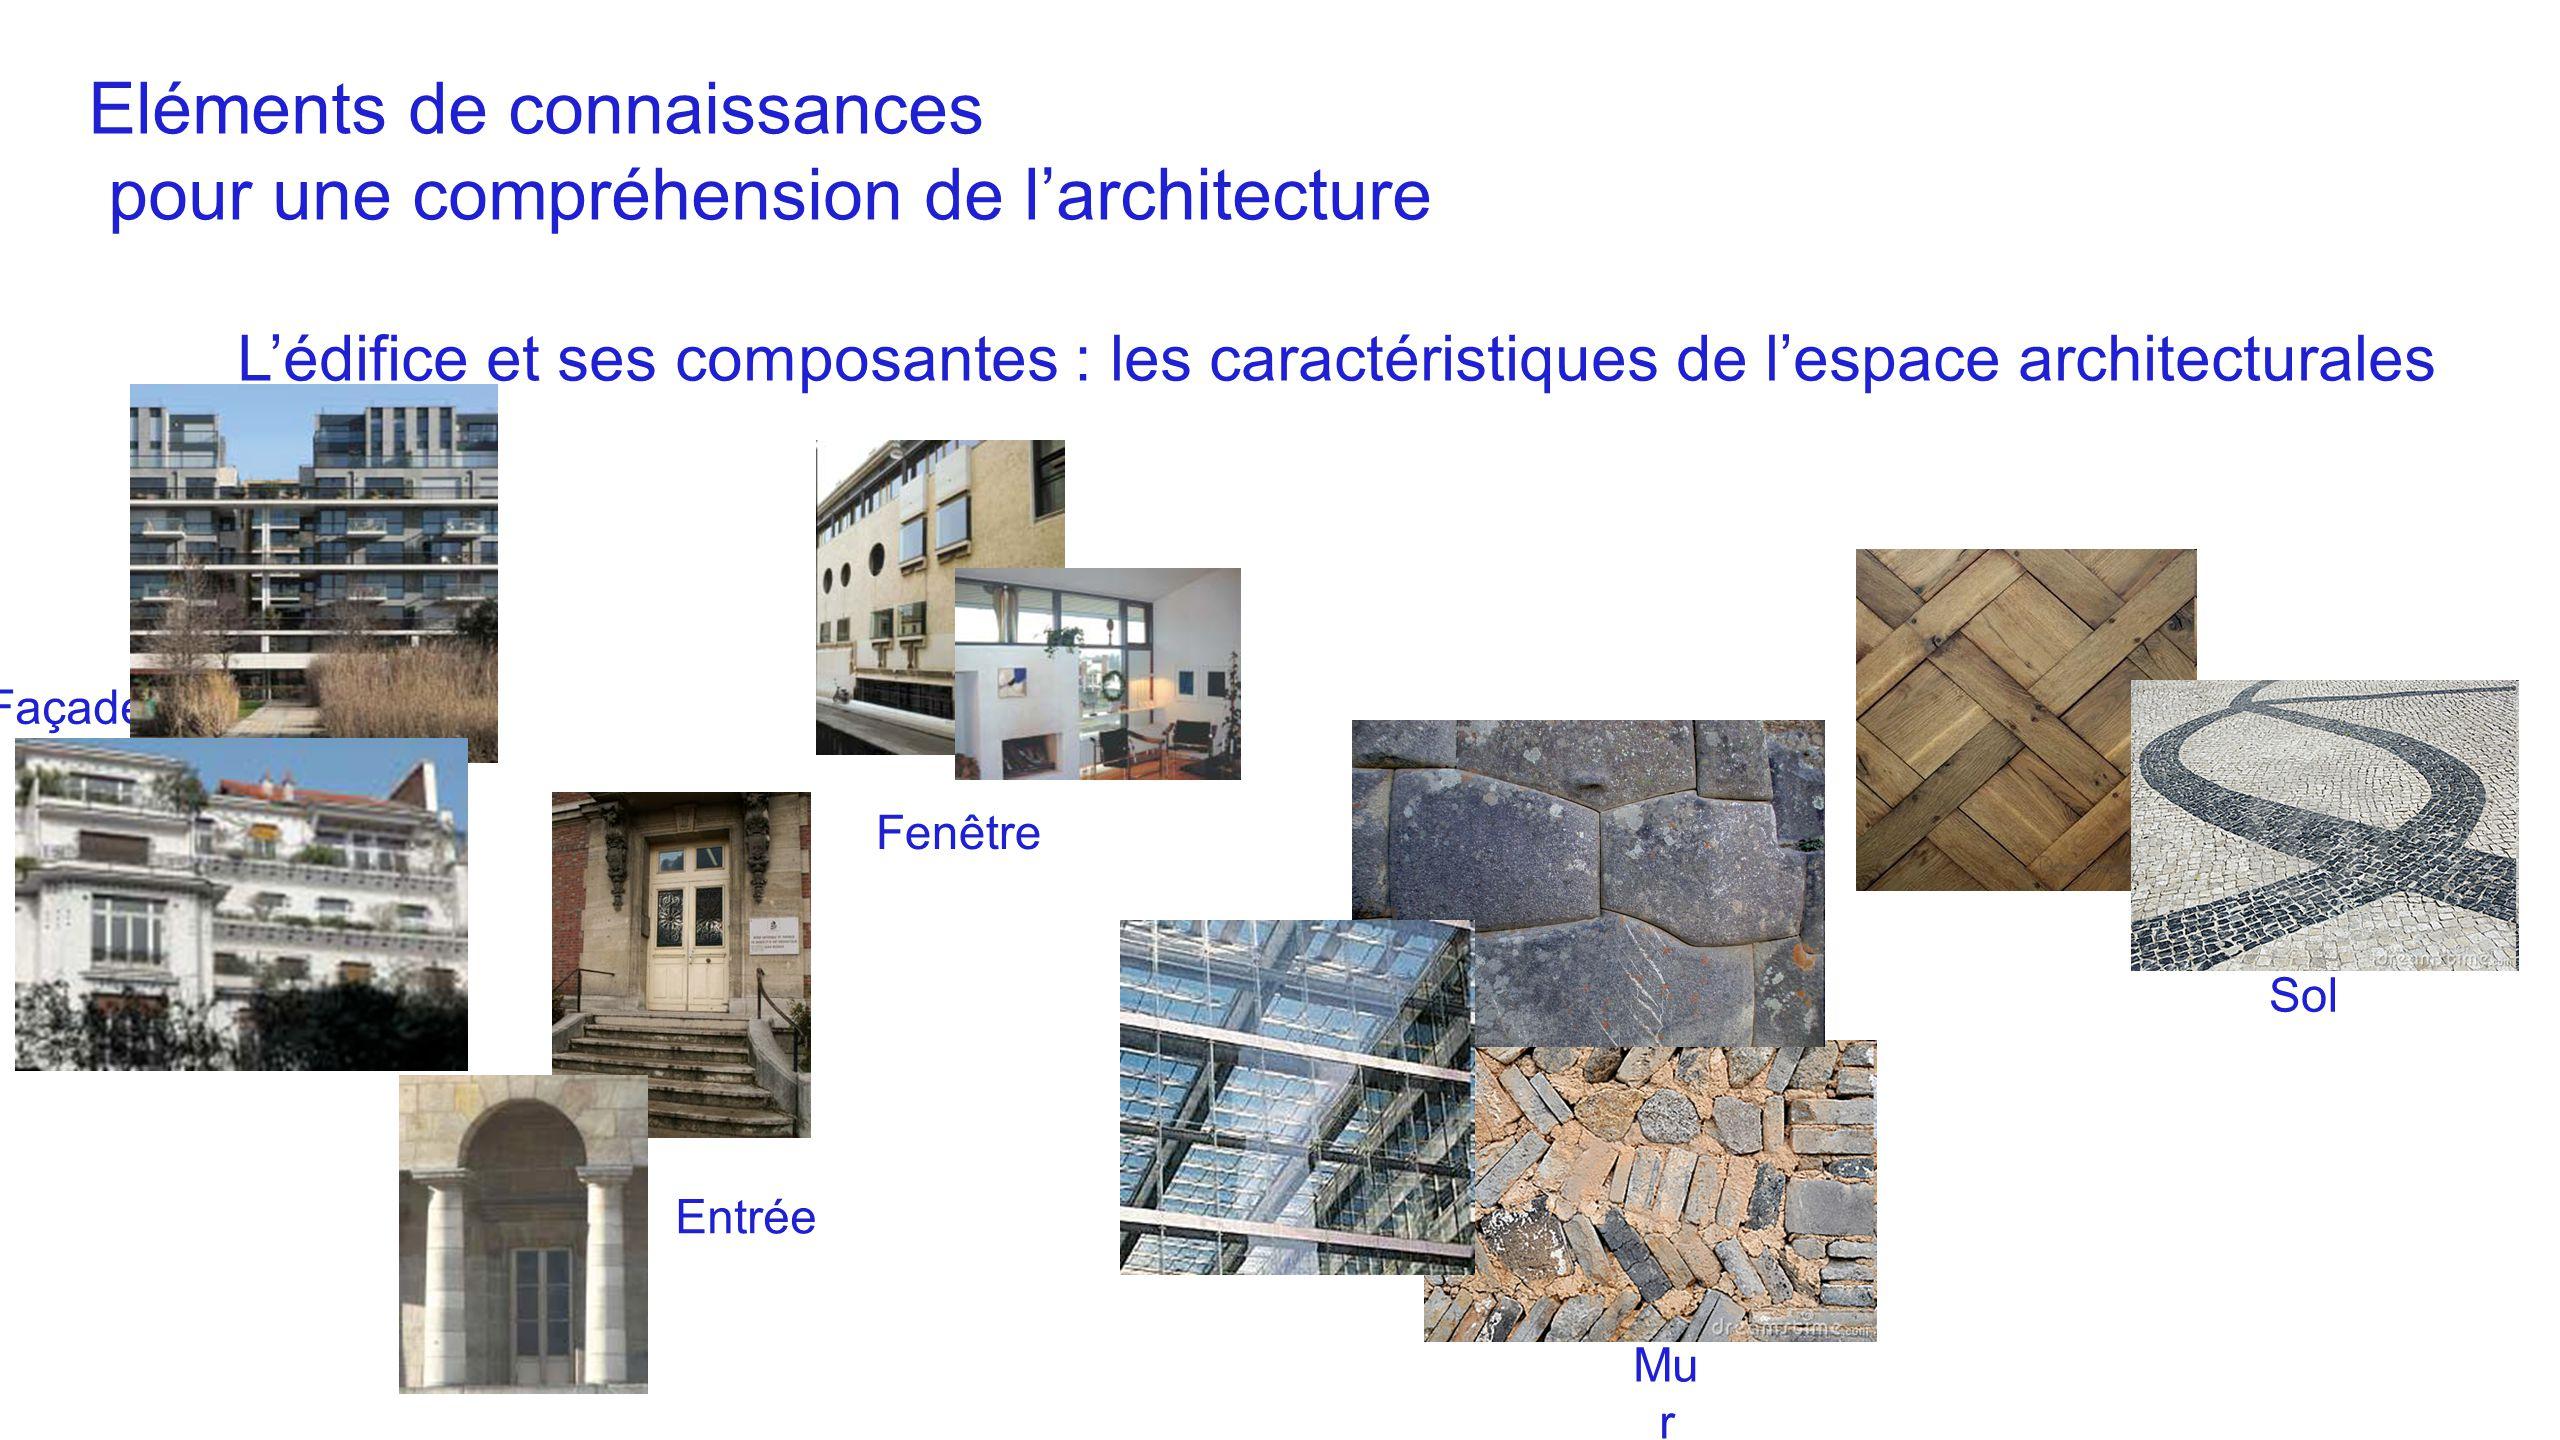 Eléments de connaissances pour une compréhension de l'architecture